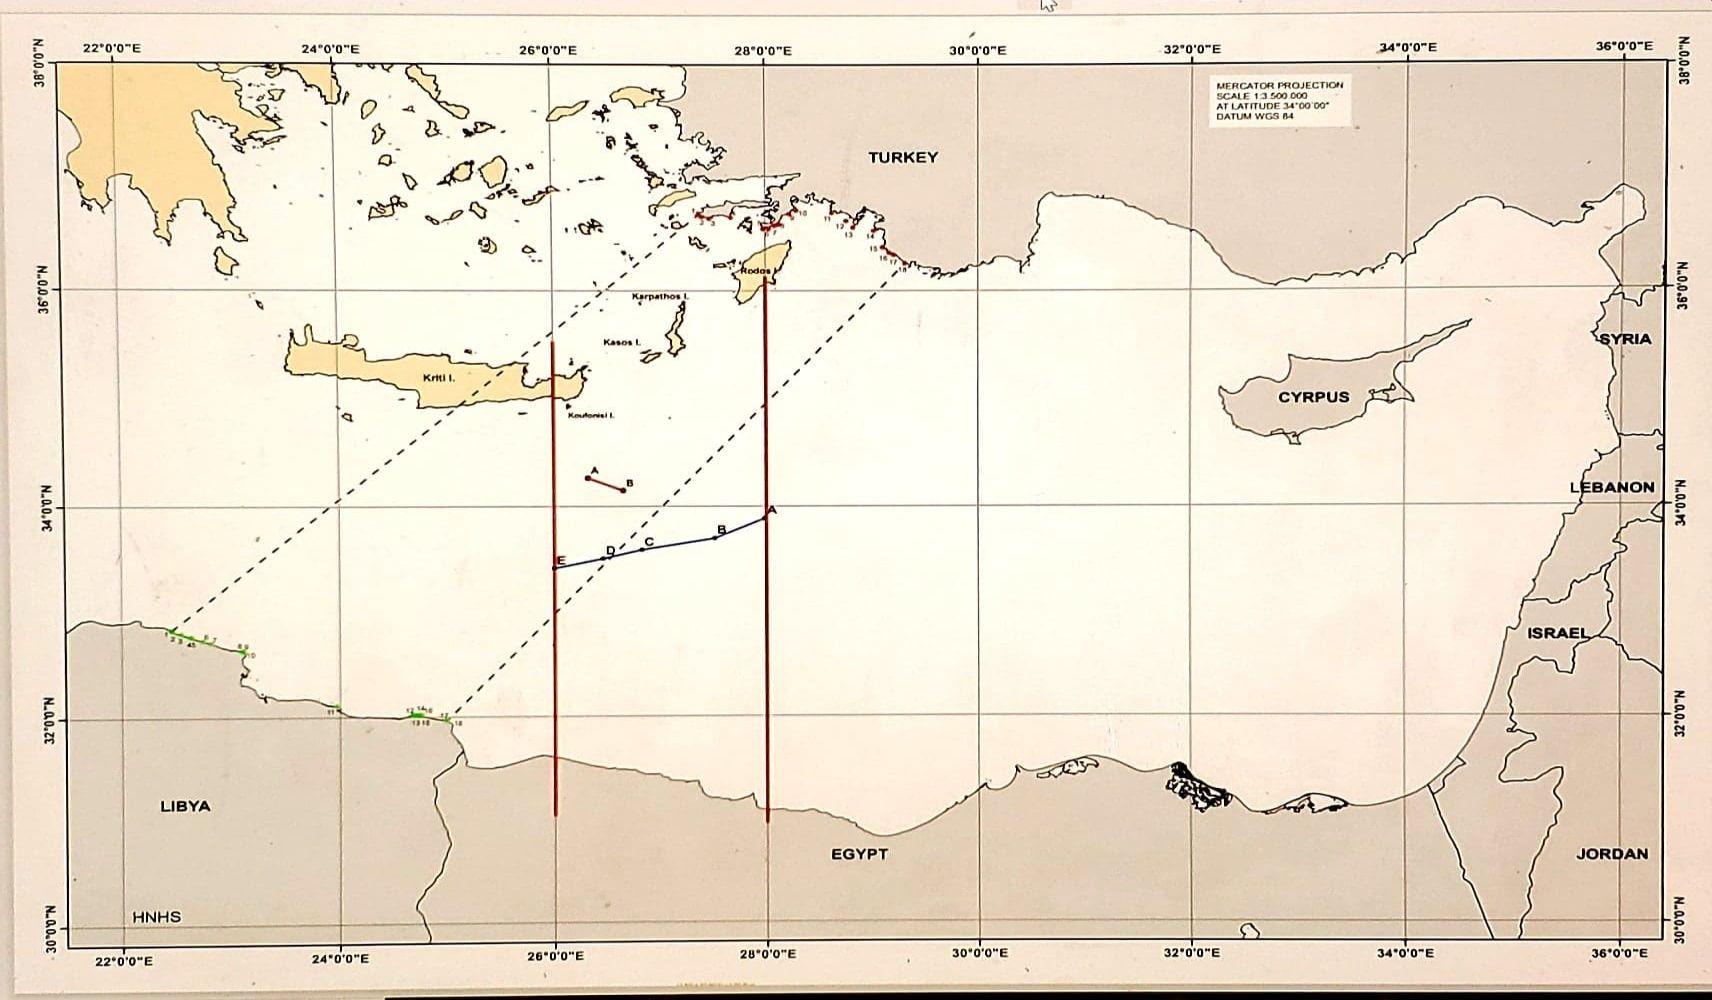 Χάρτης οριοθέτησης ΑΟΖ